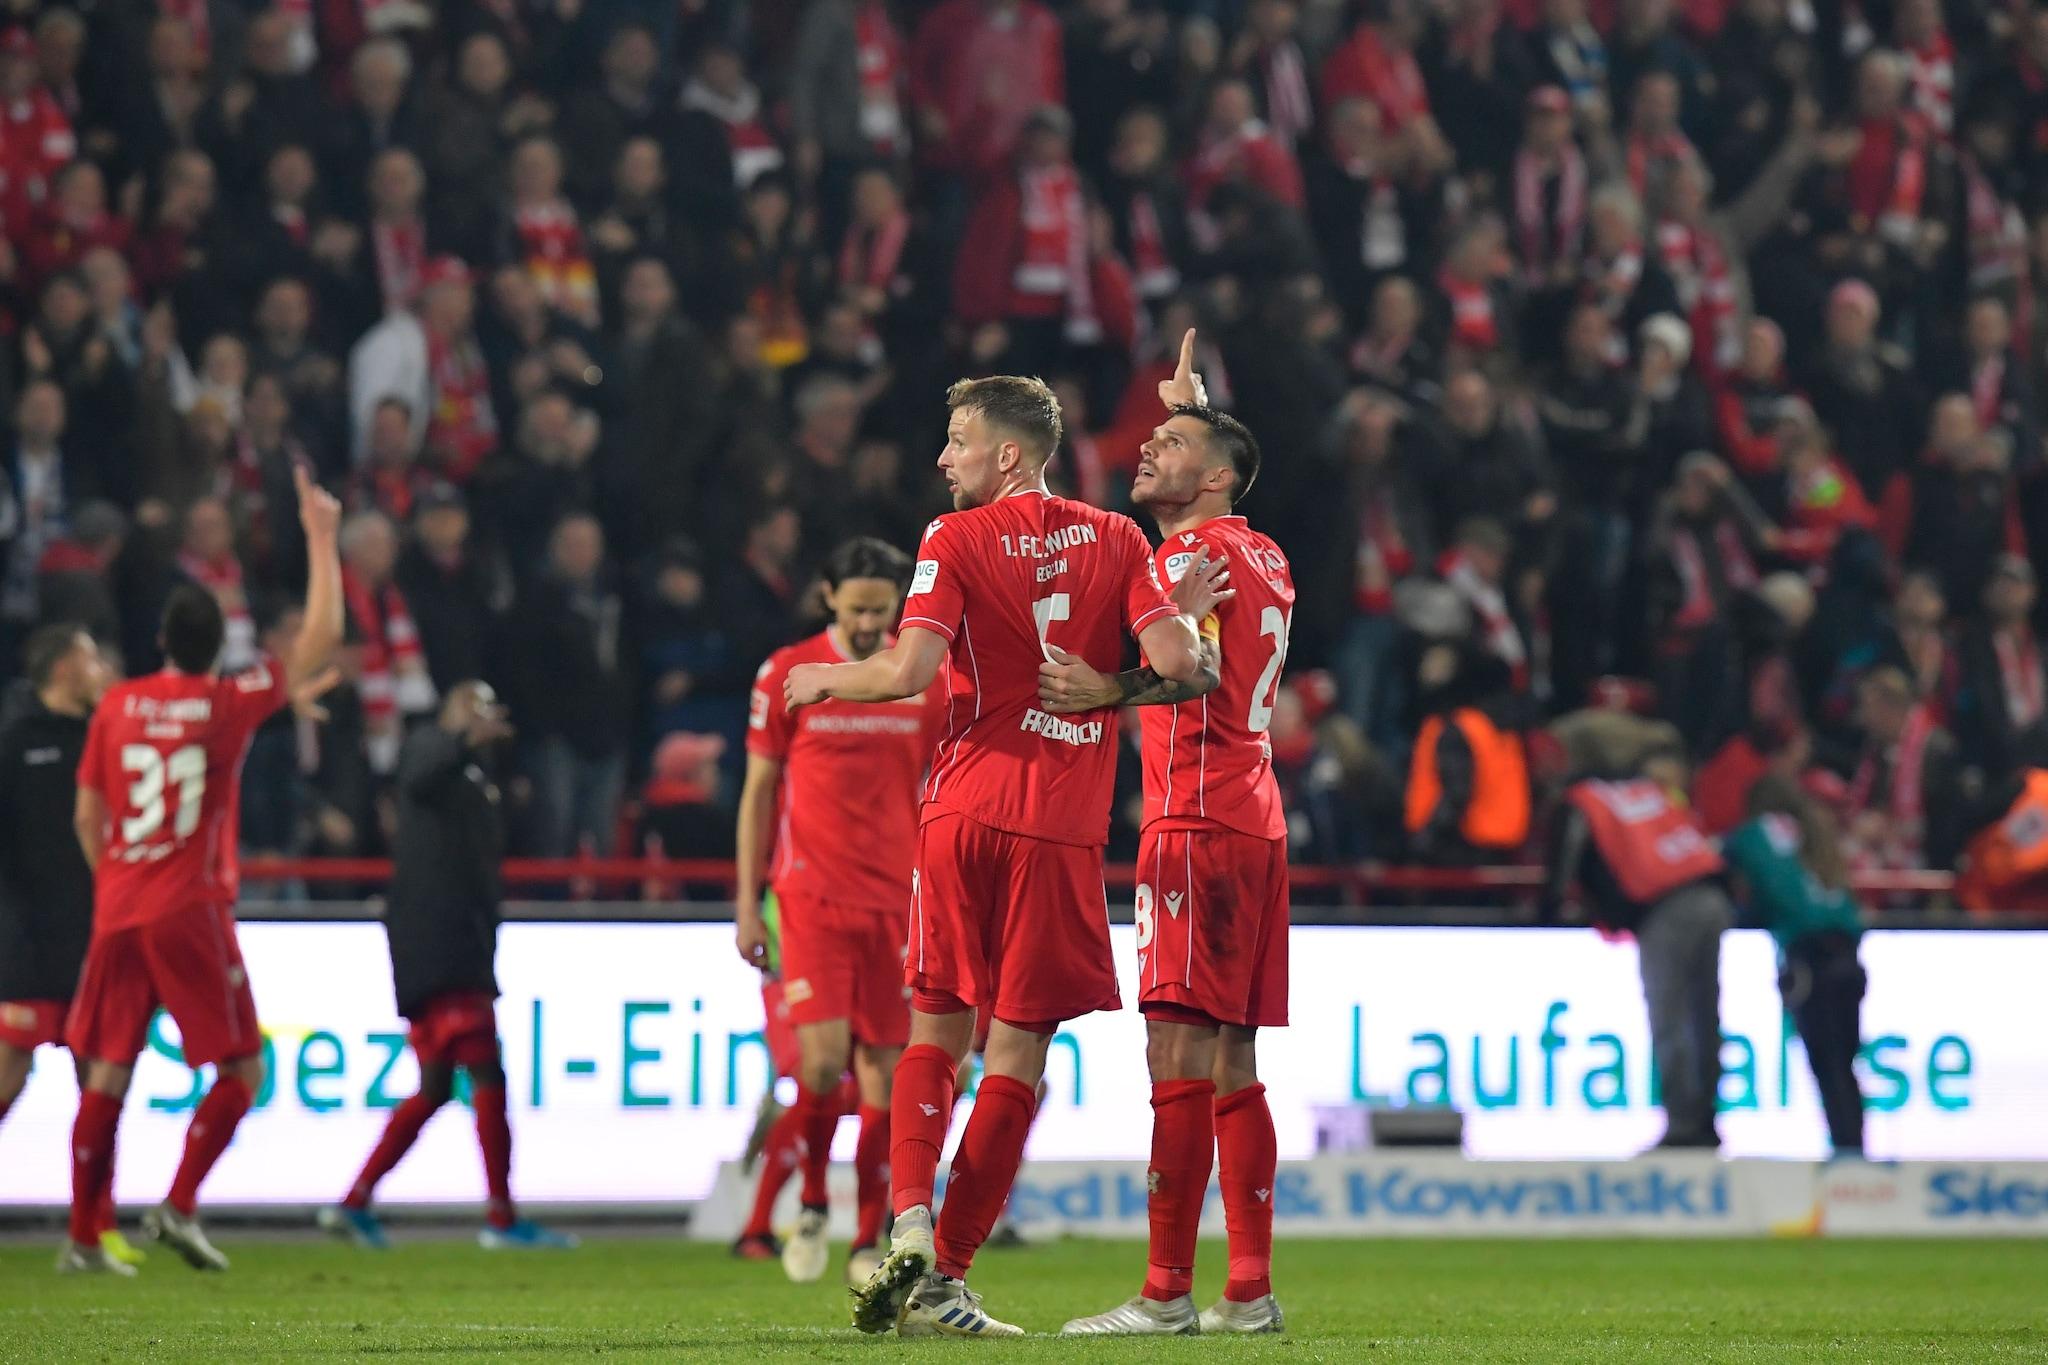 L'Union Berlino ha vinto 1–0 lo storico derby con l'Hertha.